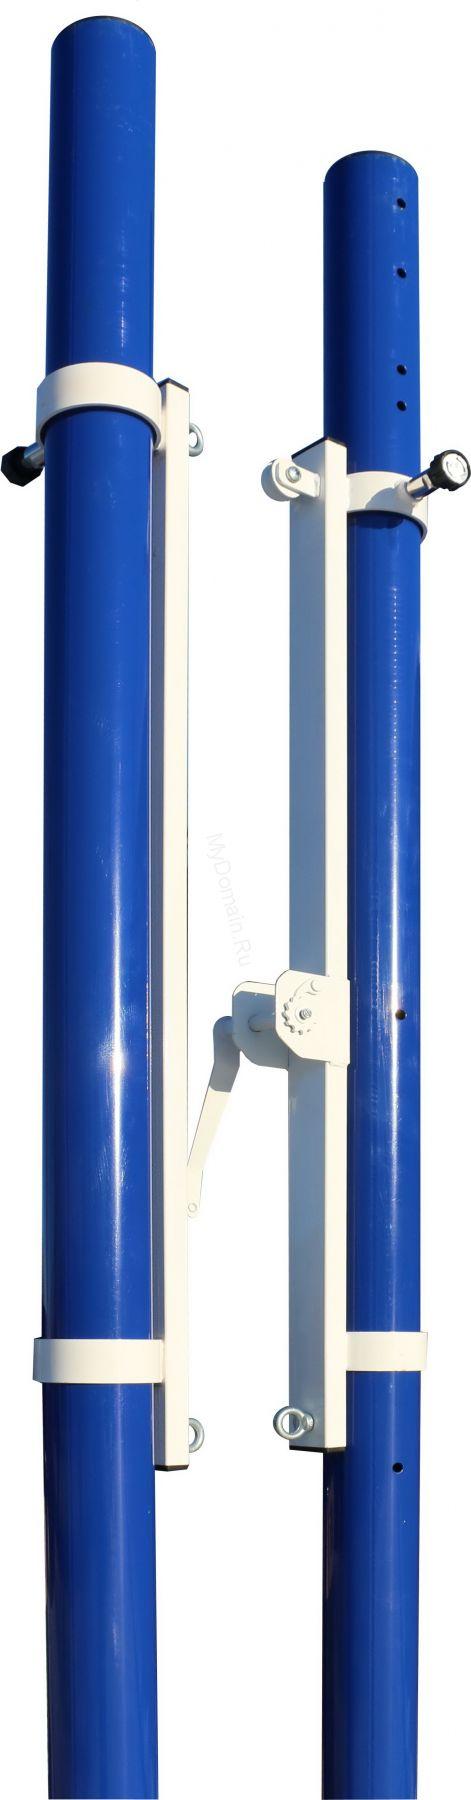 Стойки волейбольные универсальные со стаканами, крышками и механизмом натяжения троса